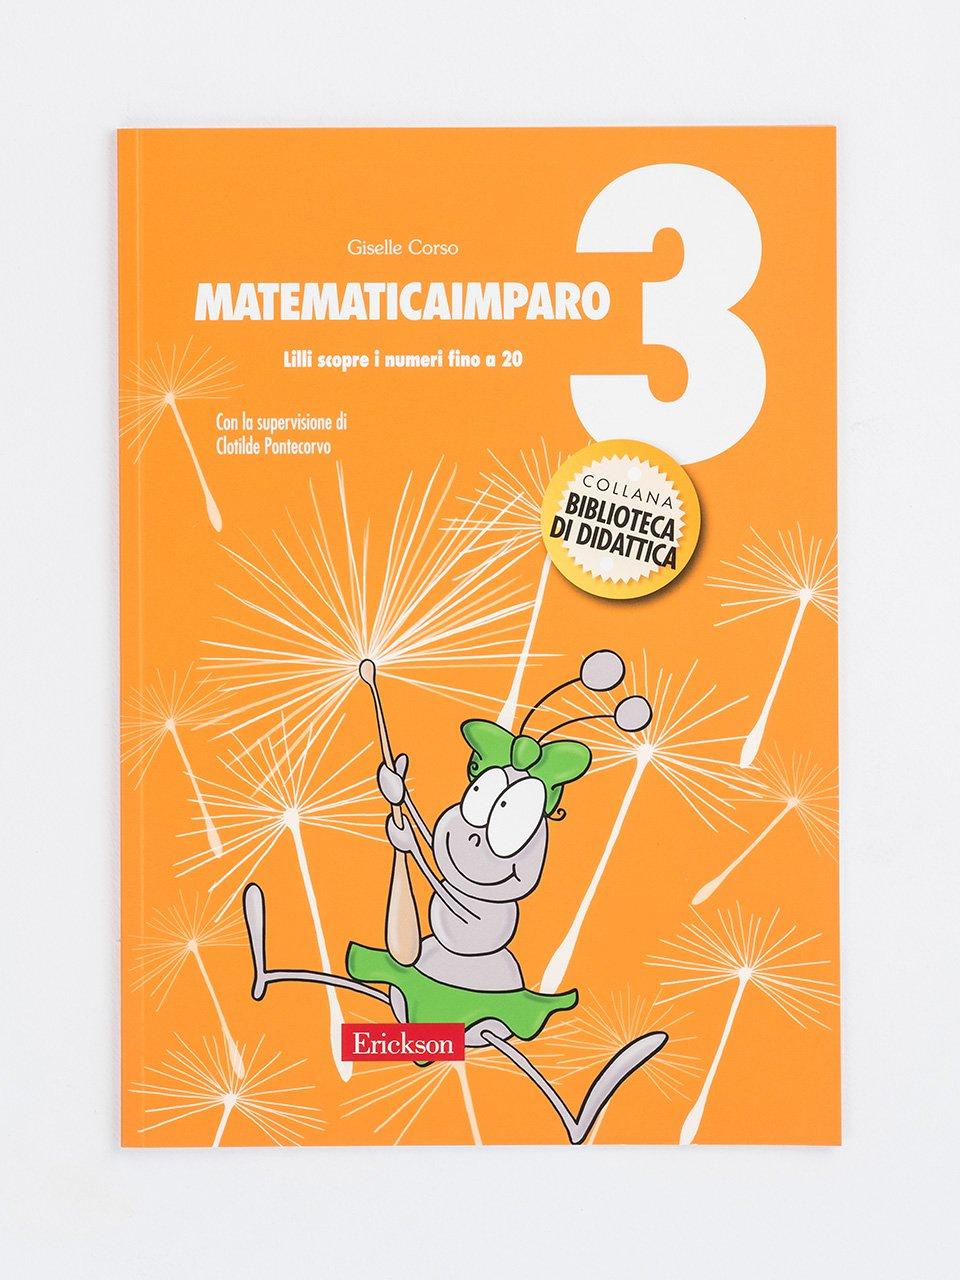 MatematicaImparo 3 - MatematicaImparo 10 - Libri - Erickson